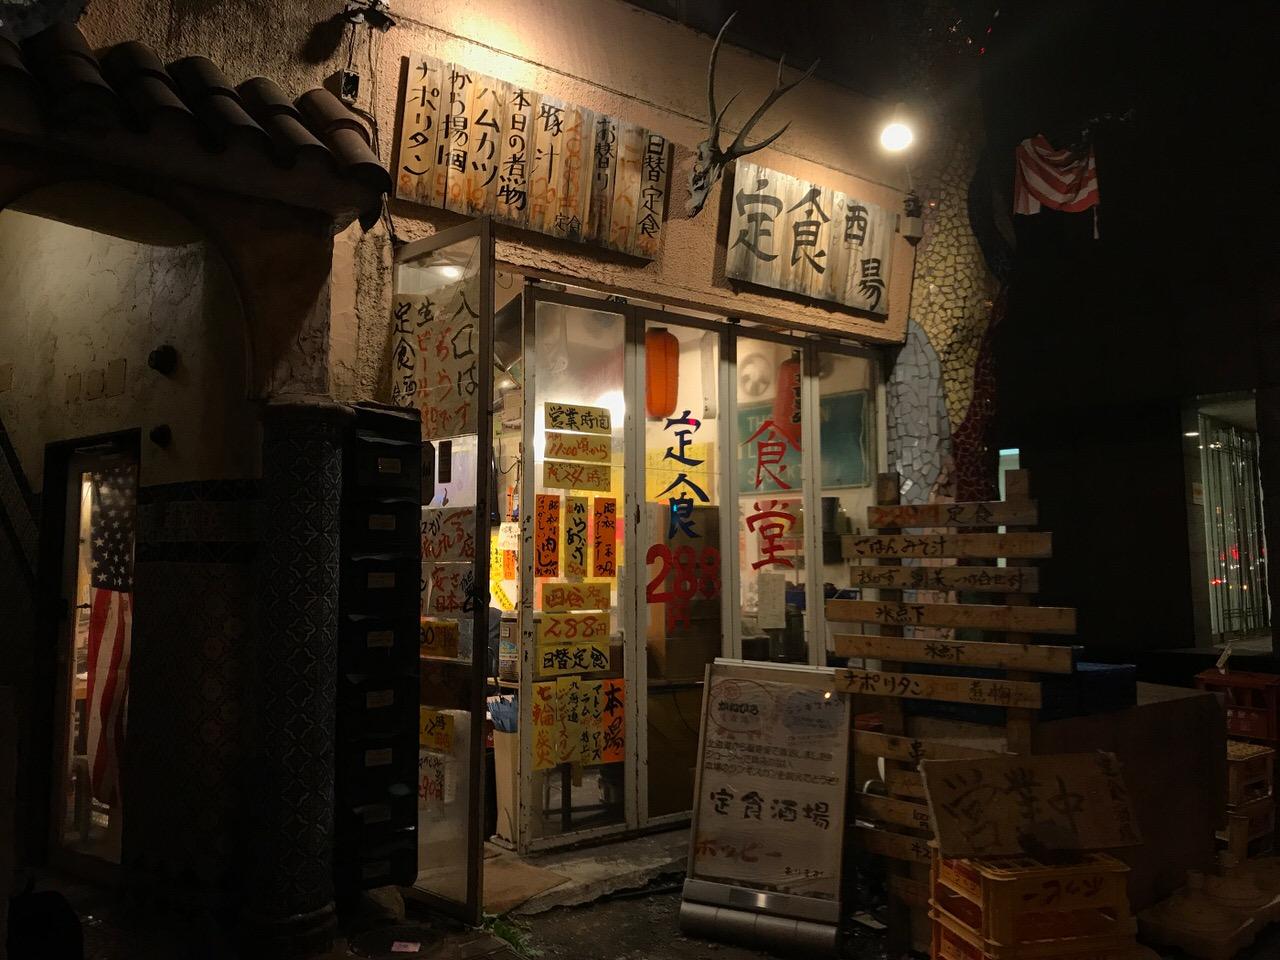 「定食酒場食堂」昭和の空気だけでなく昭和の価格も残した酒も呑める食堂